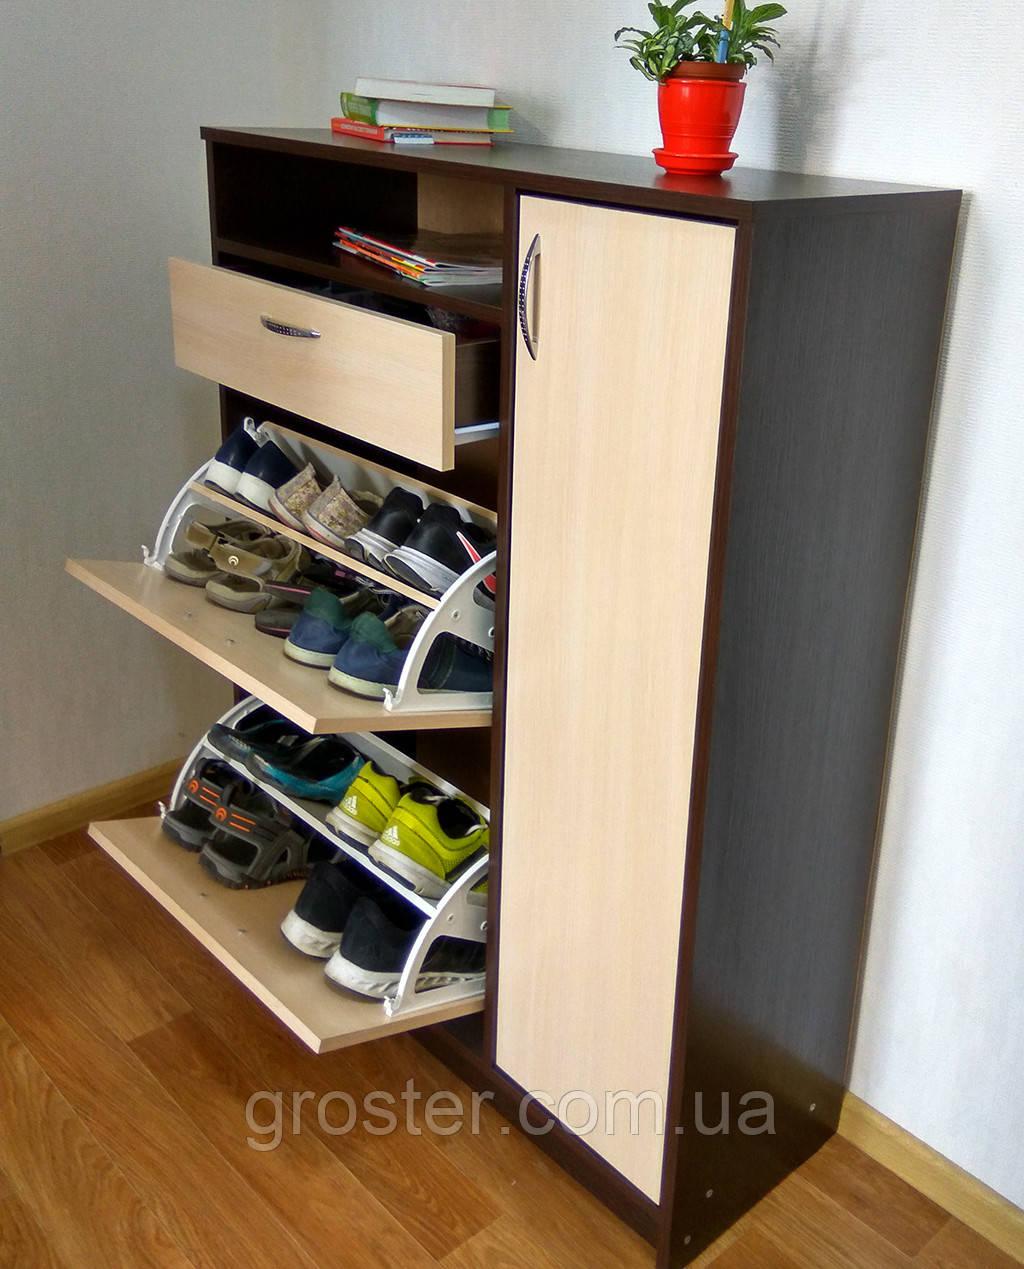 Тумба для обуви. Обувница. Шкаф обувной